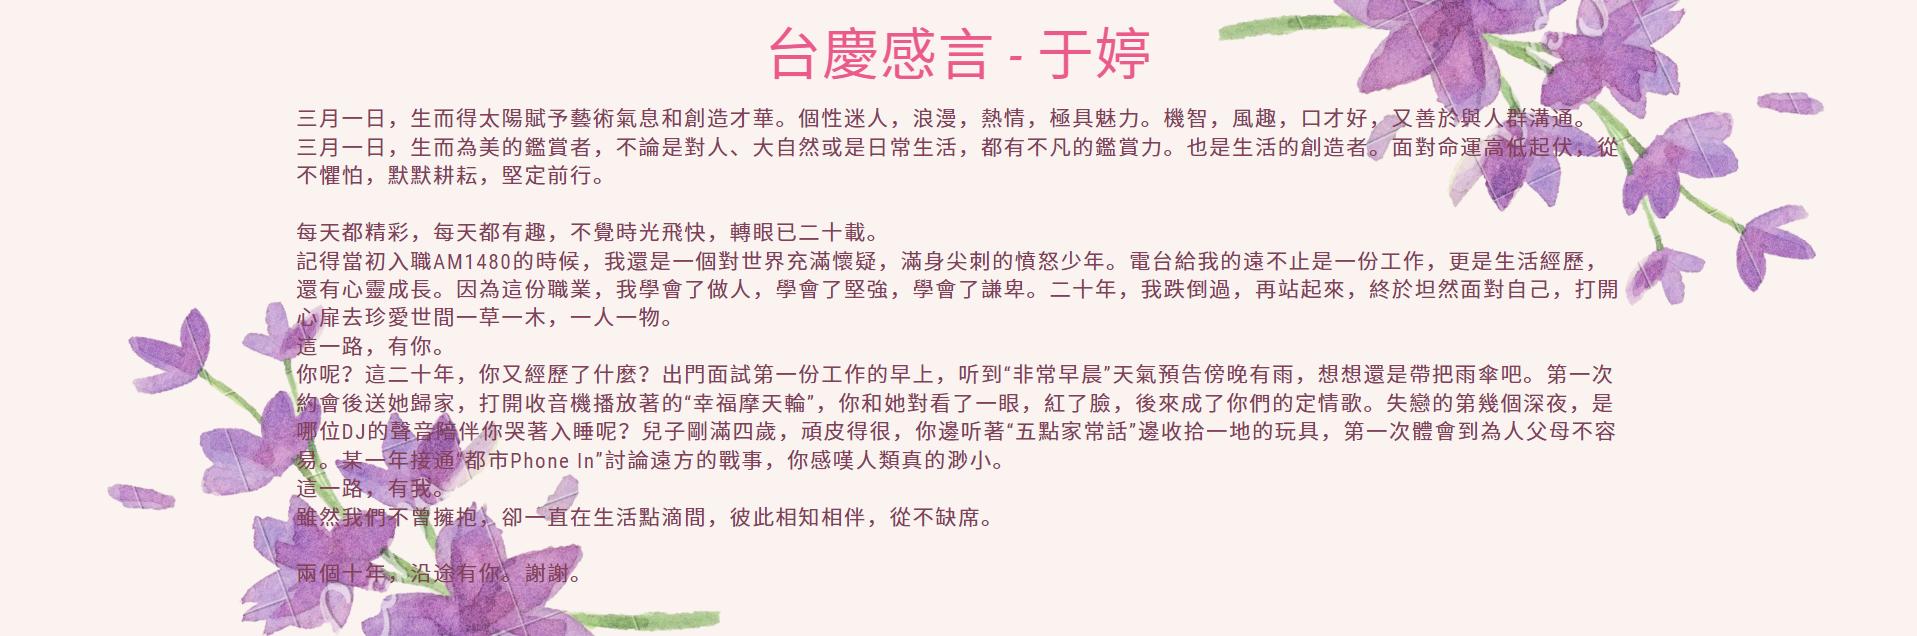 台慶感言 - 于婷